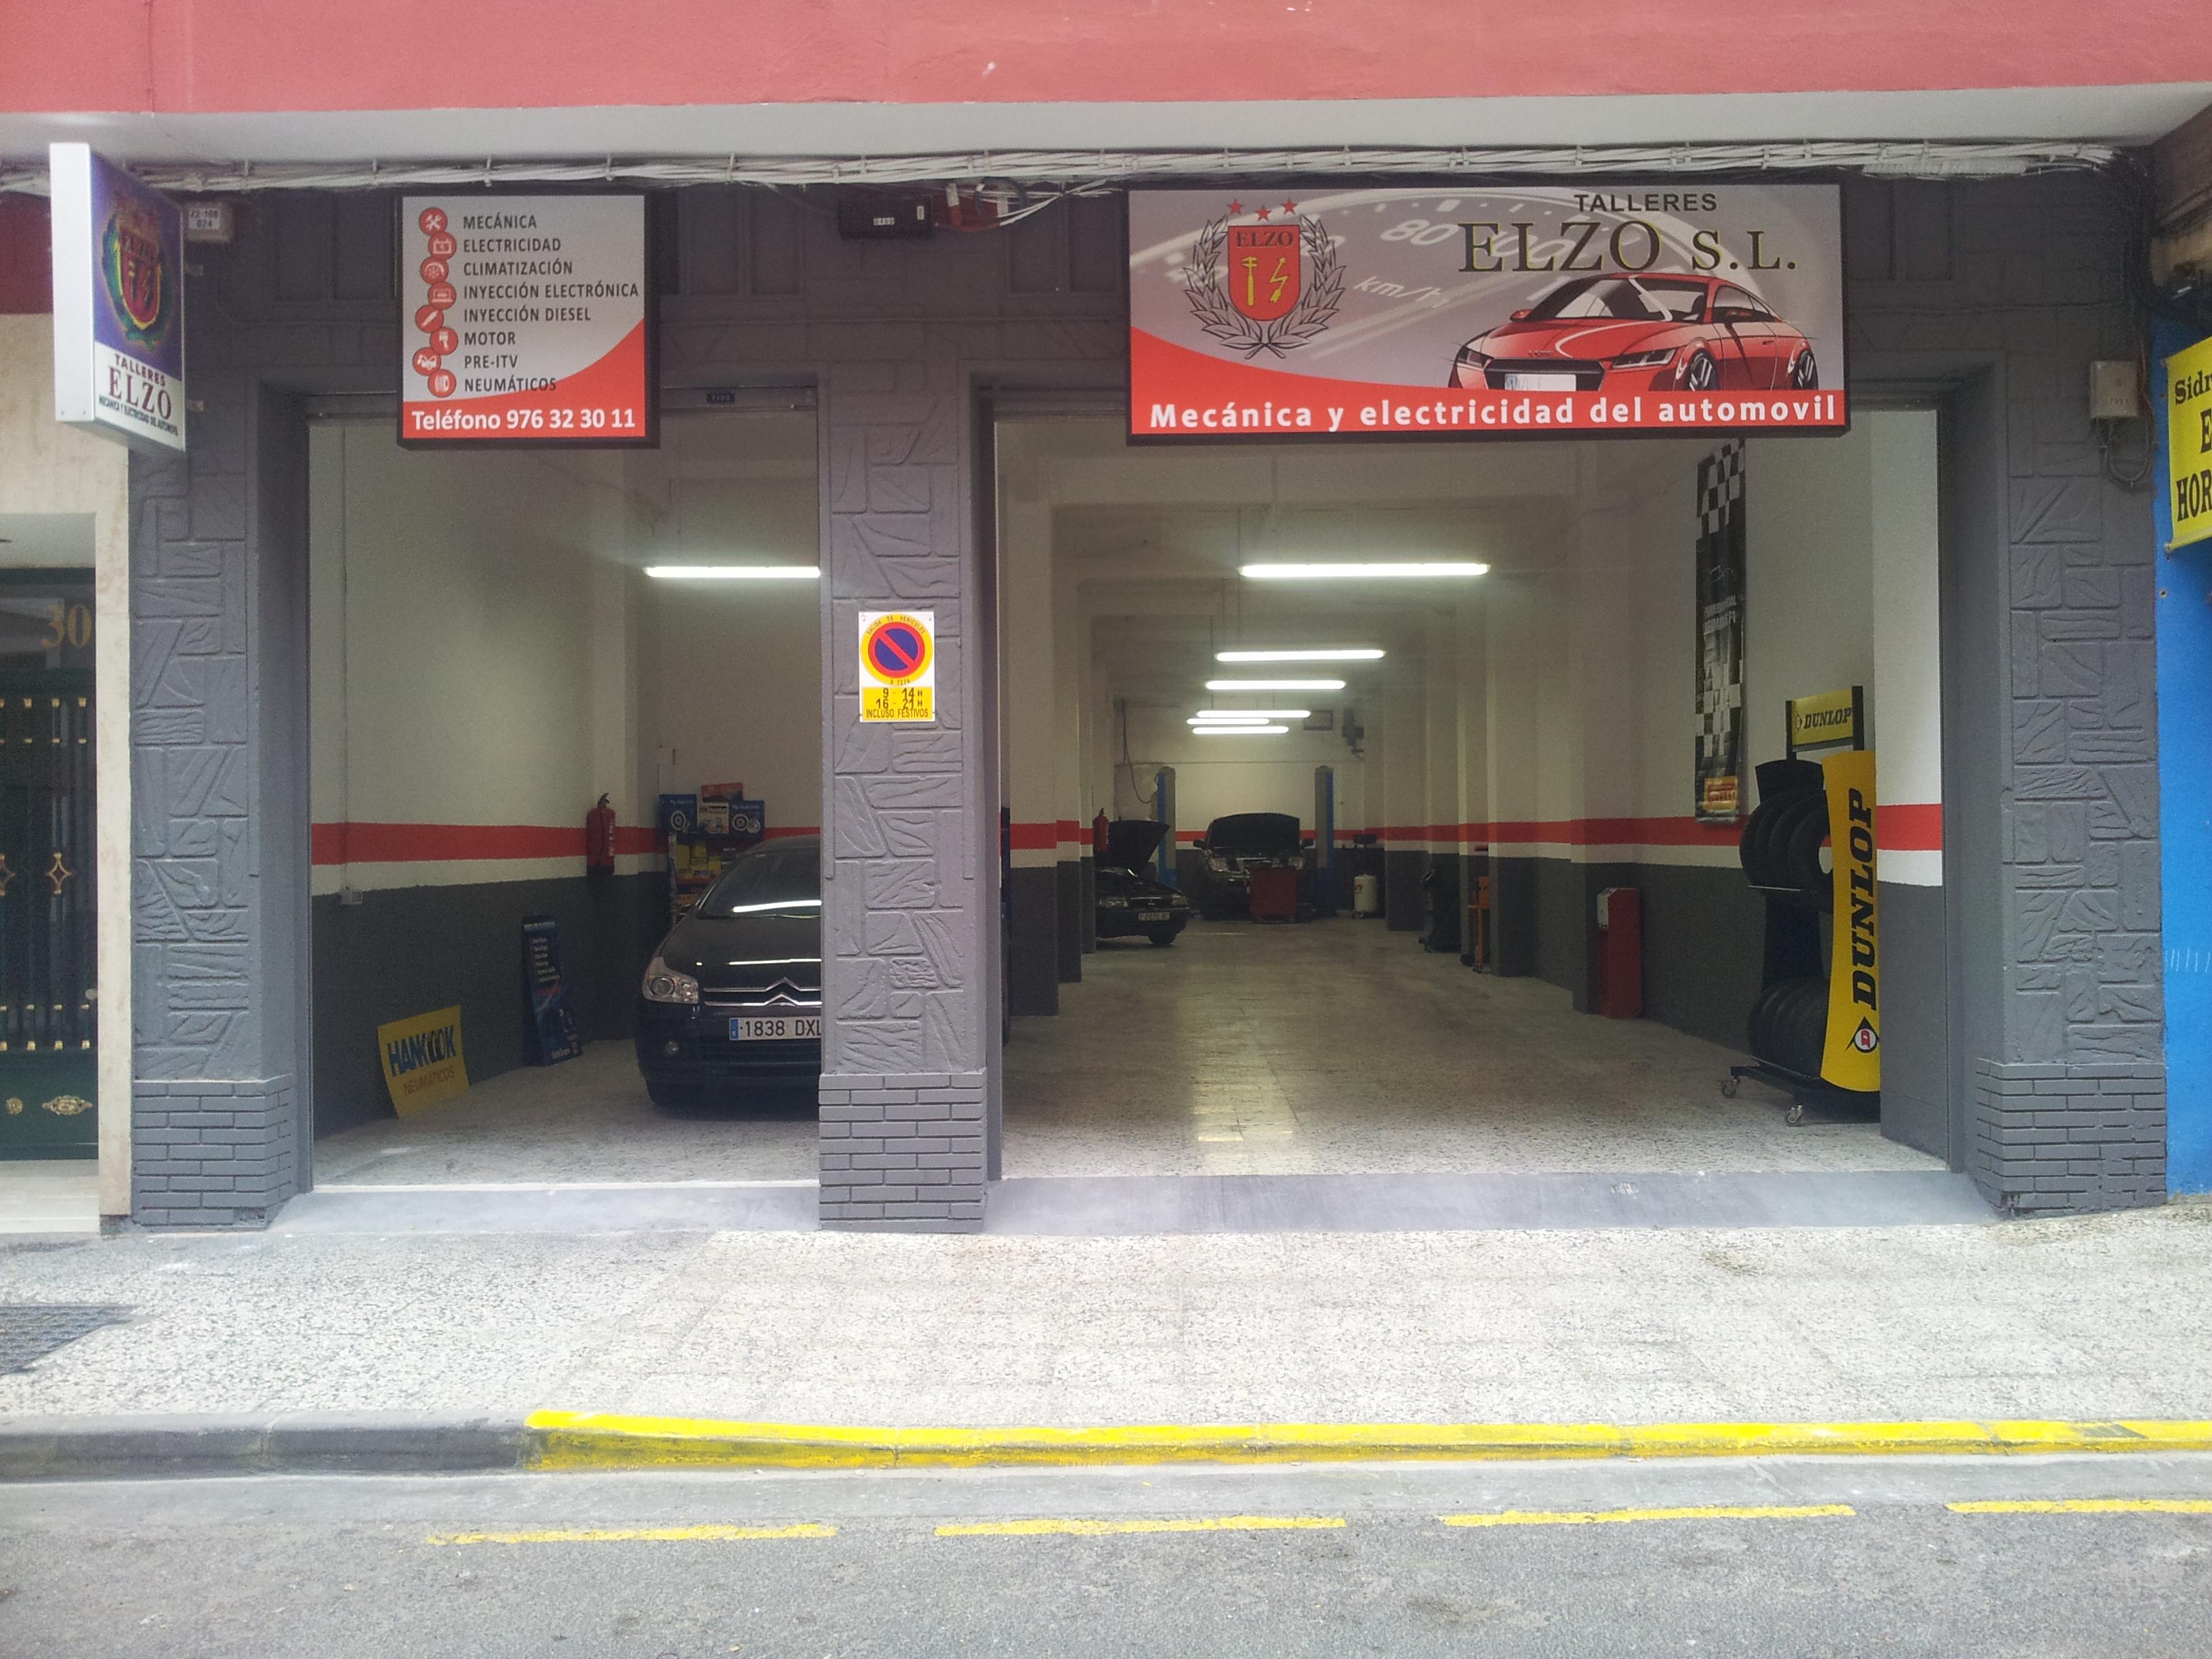 Talleres elzo zaragoza pamplona escudero 30 32 local derecha talleres mecanicos para - Fachadas de talleres ...